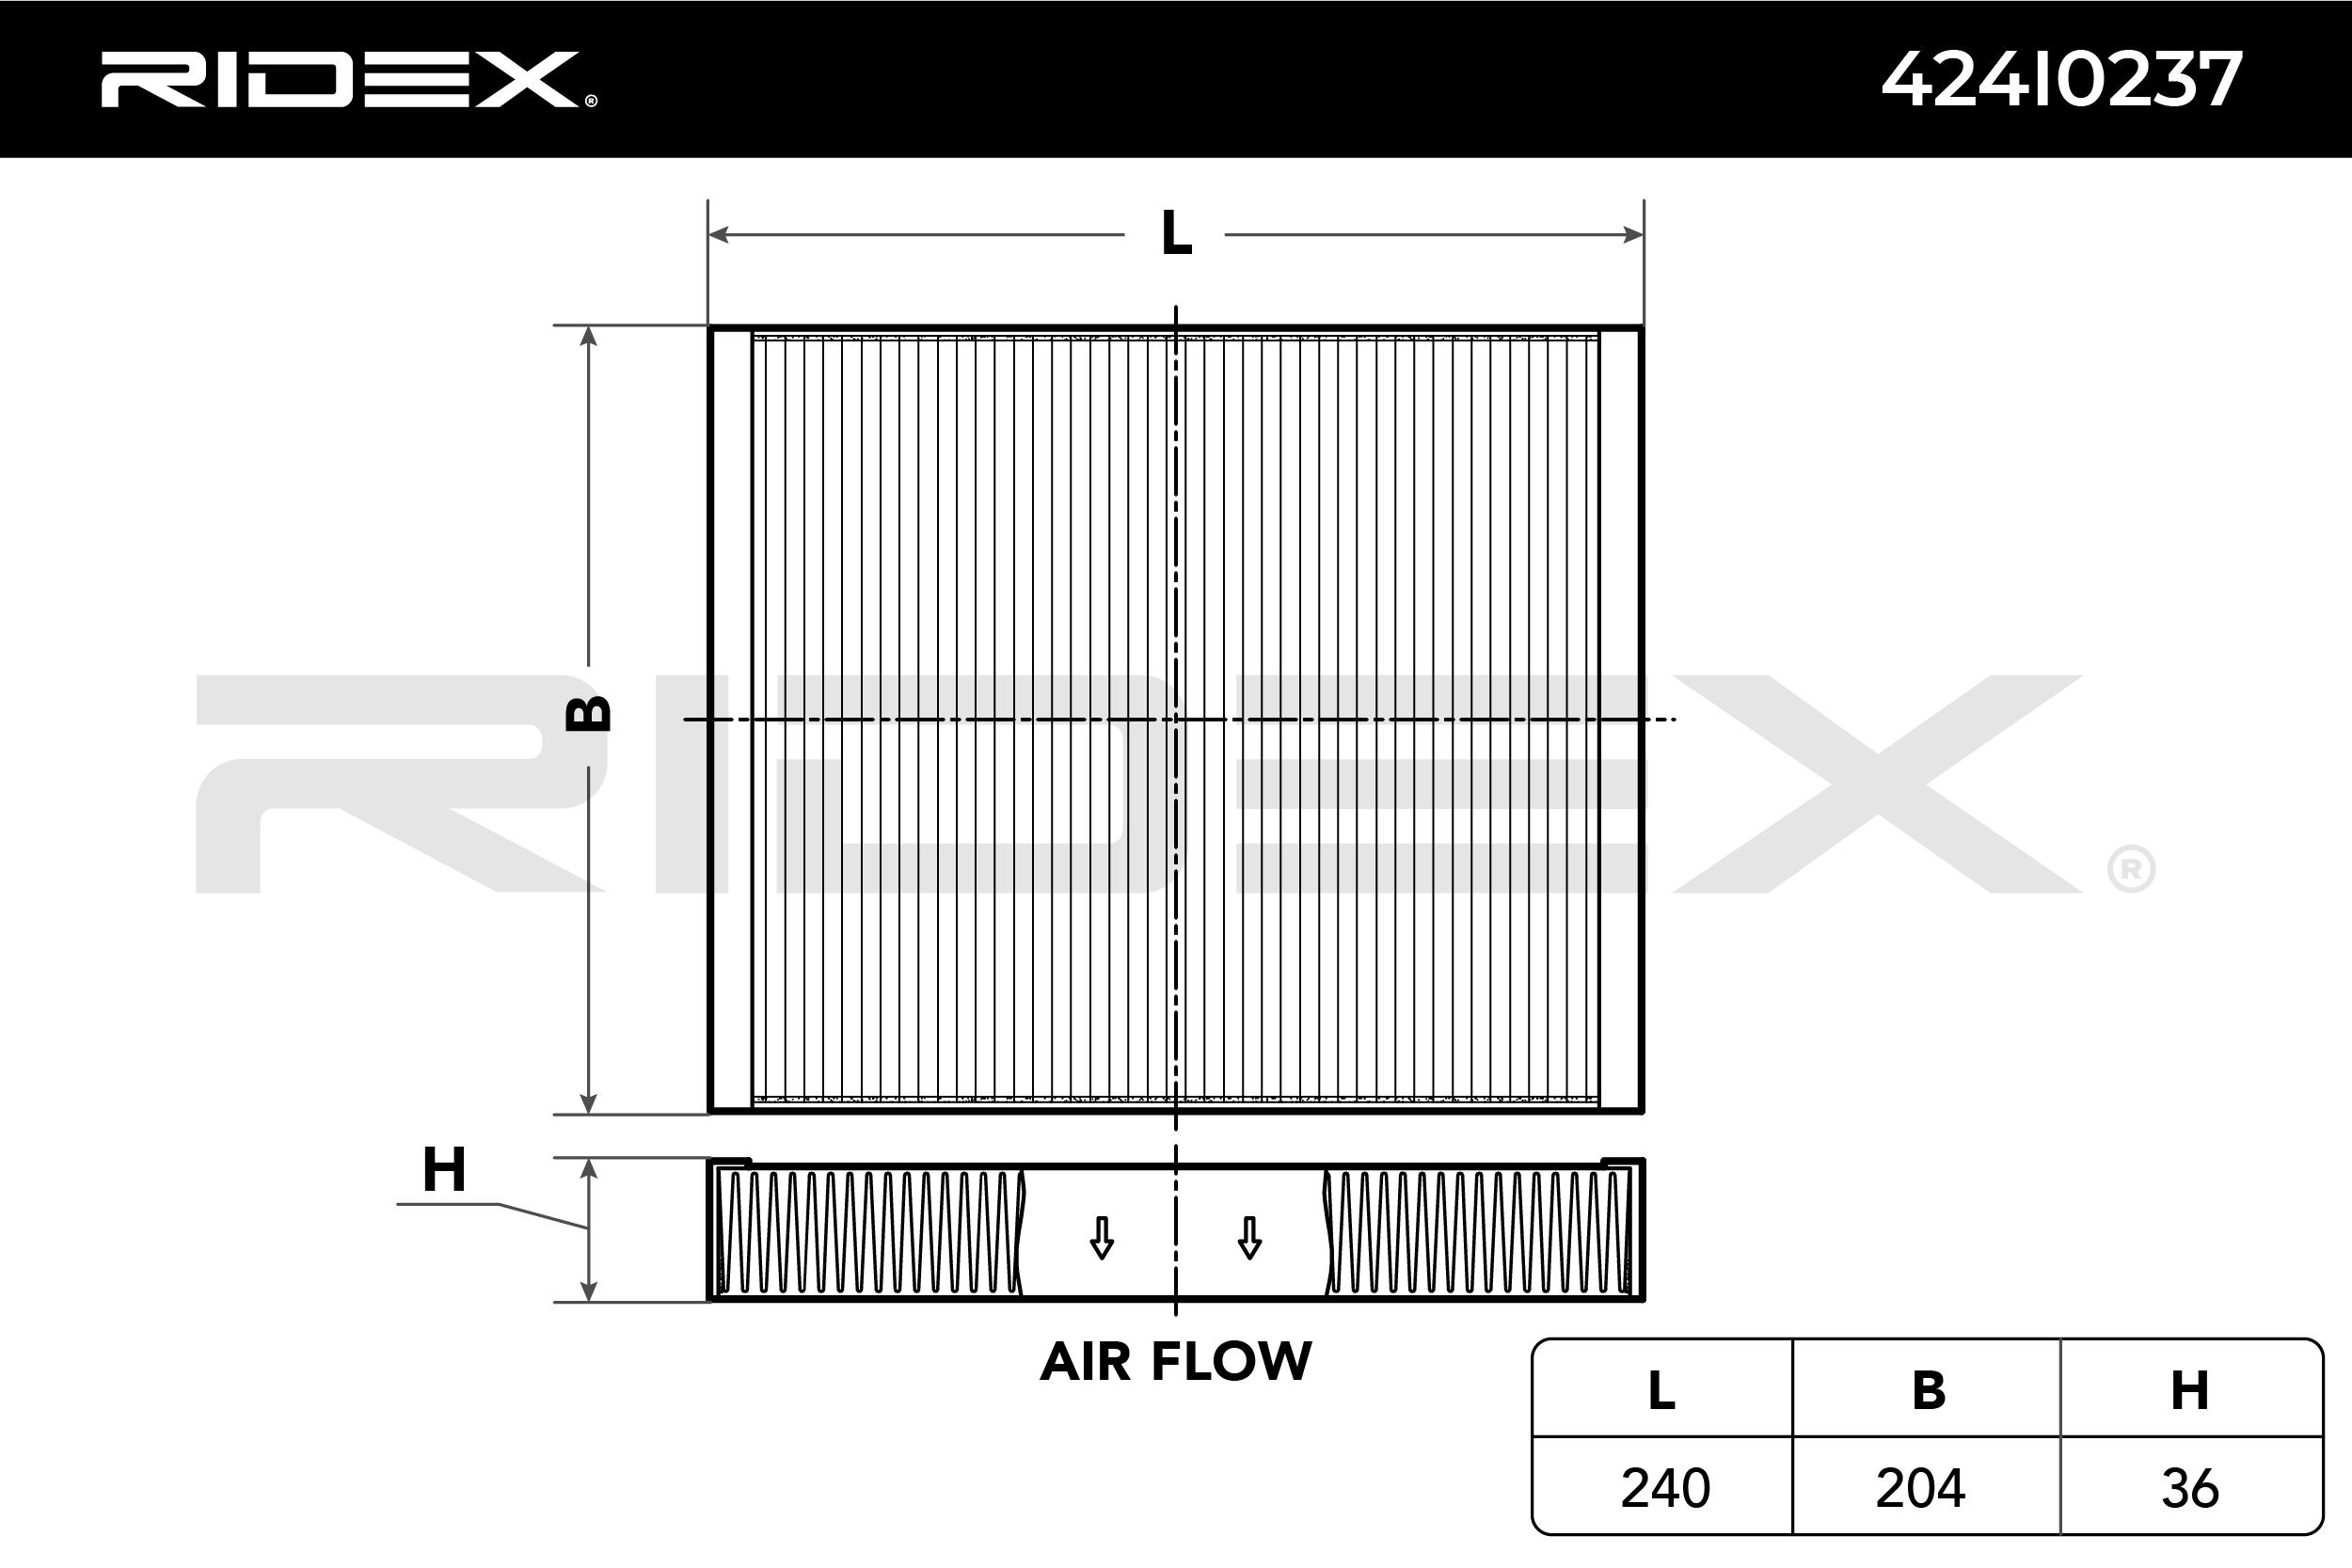 Köp RIDEX 424I0237 - Filter till Cadillac: Partikelfilter B: 204mm, H: 36mm, L: 240mm